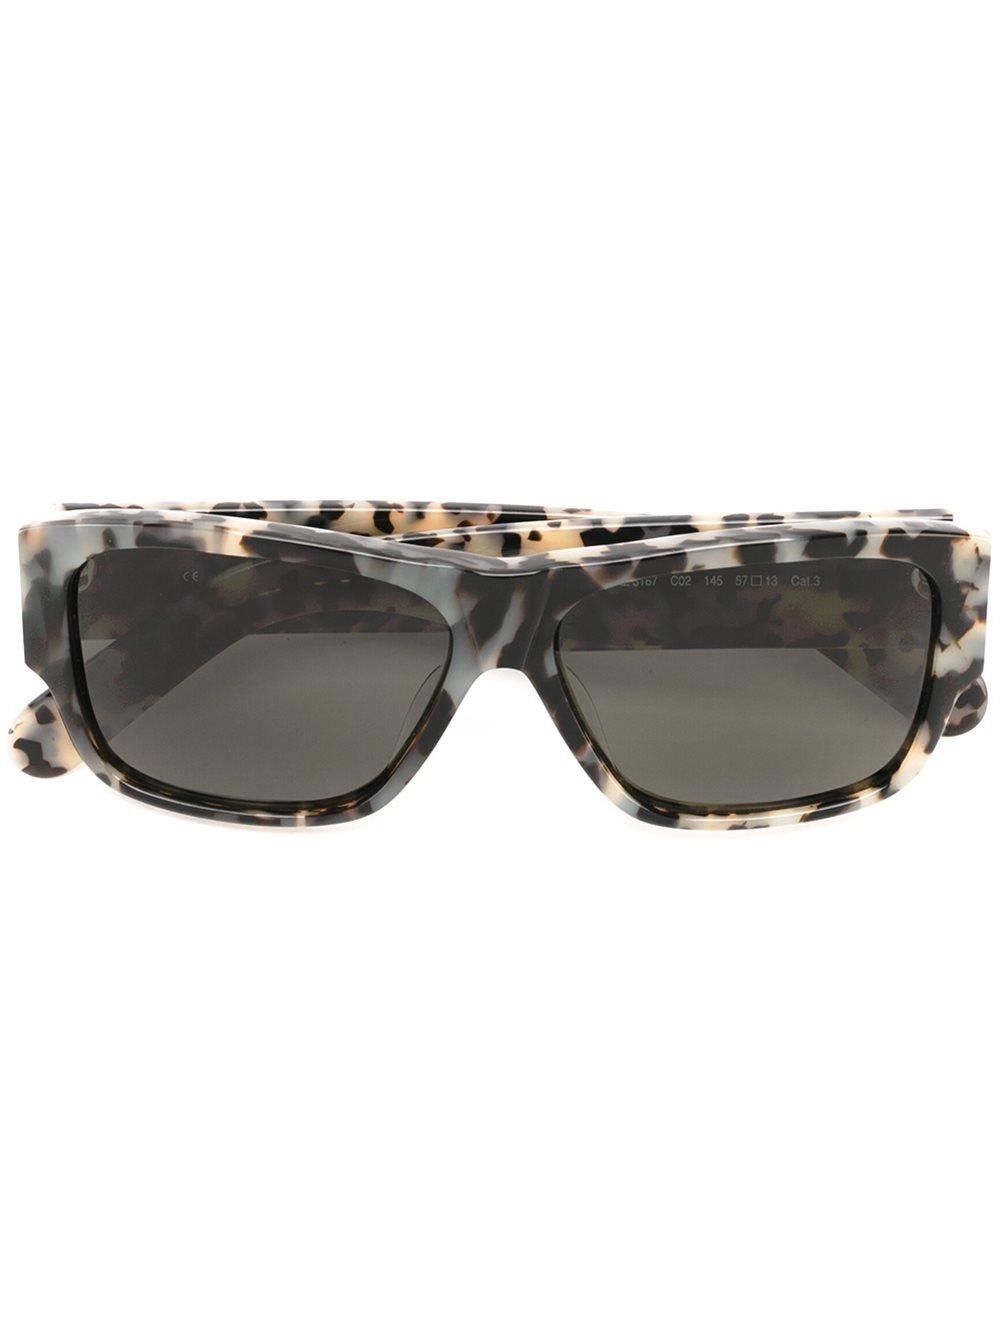 2072a8a768983a Kenzo lunettes de soleil à monture carrée Femme Accessories,kenzo  kalifornia mini crossbody bag,pas cher marque